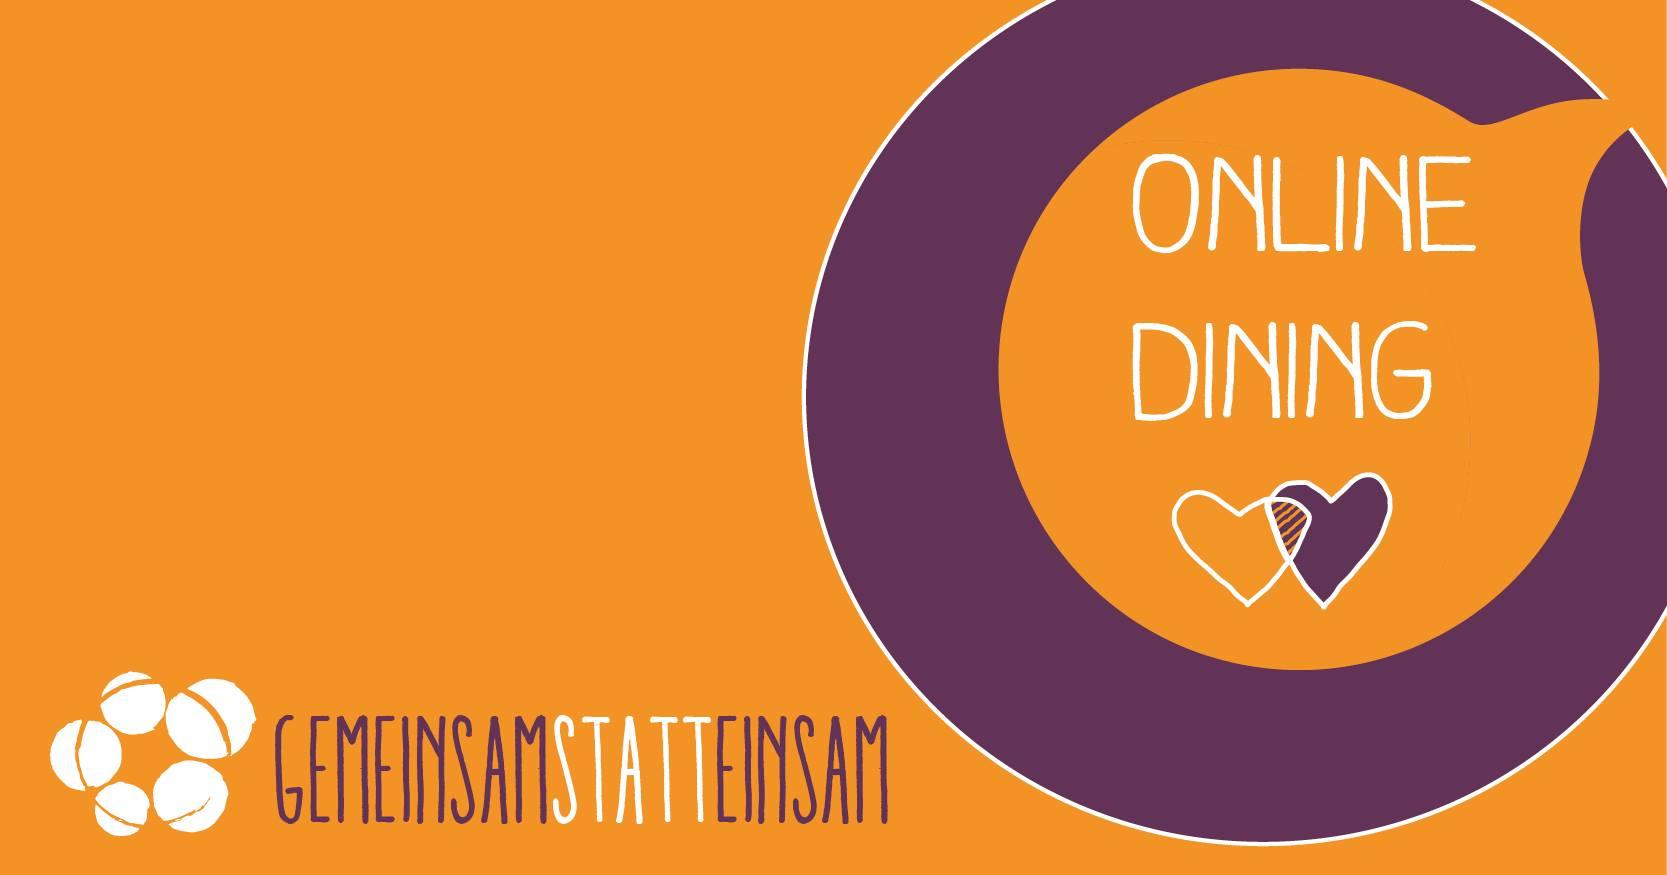 Online Dining – gemeinsam statt einsam | 28. November | 18:00 – 19:30